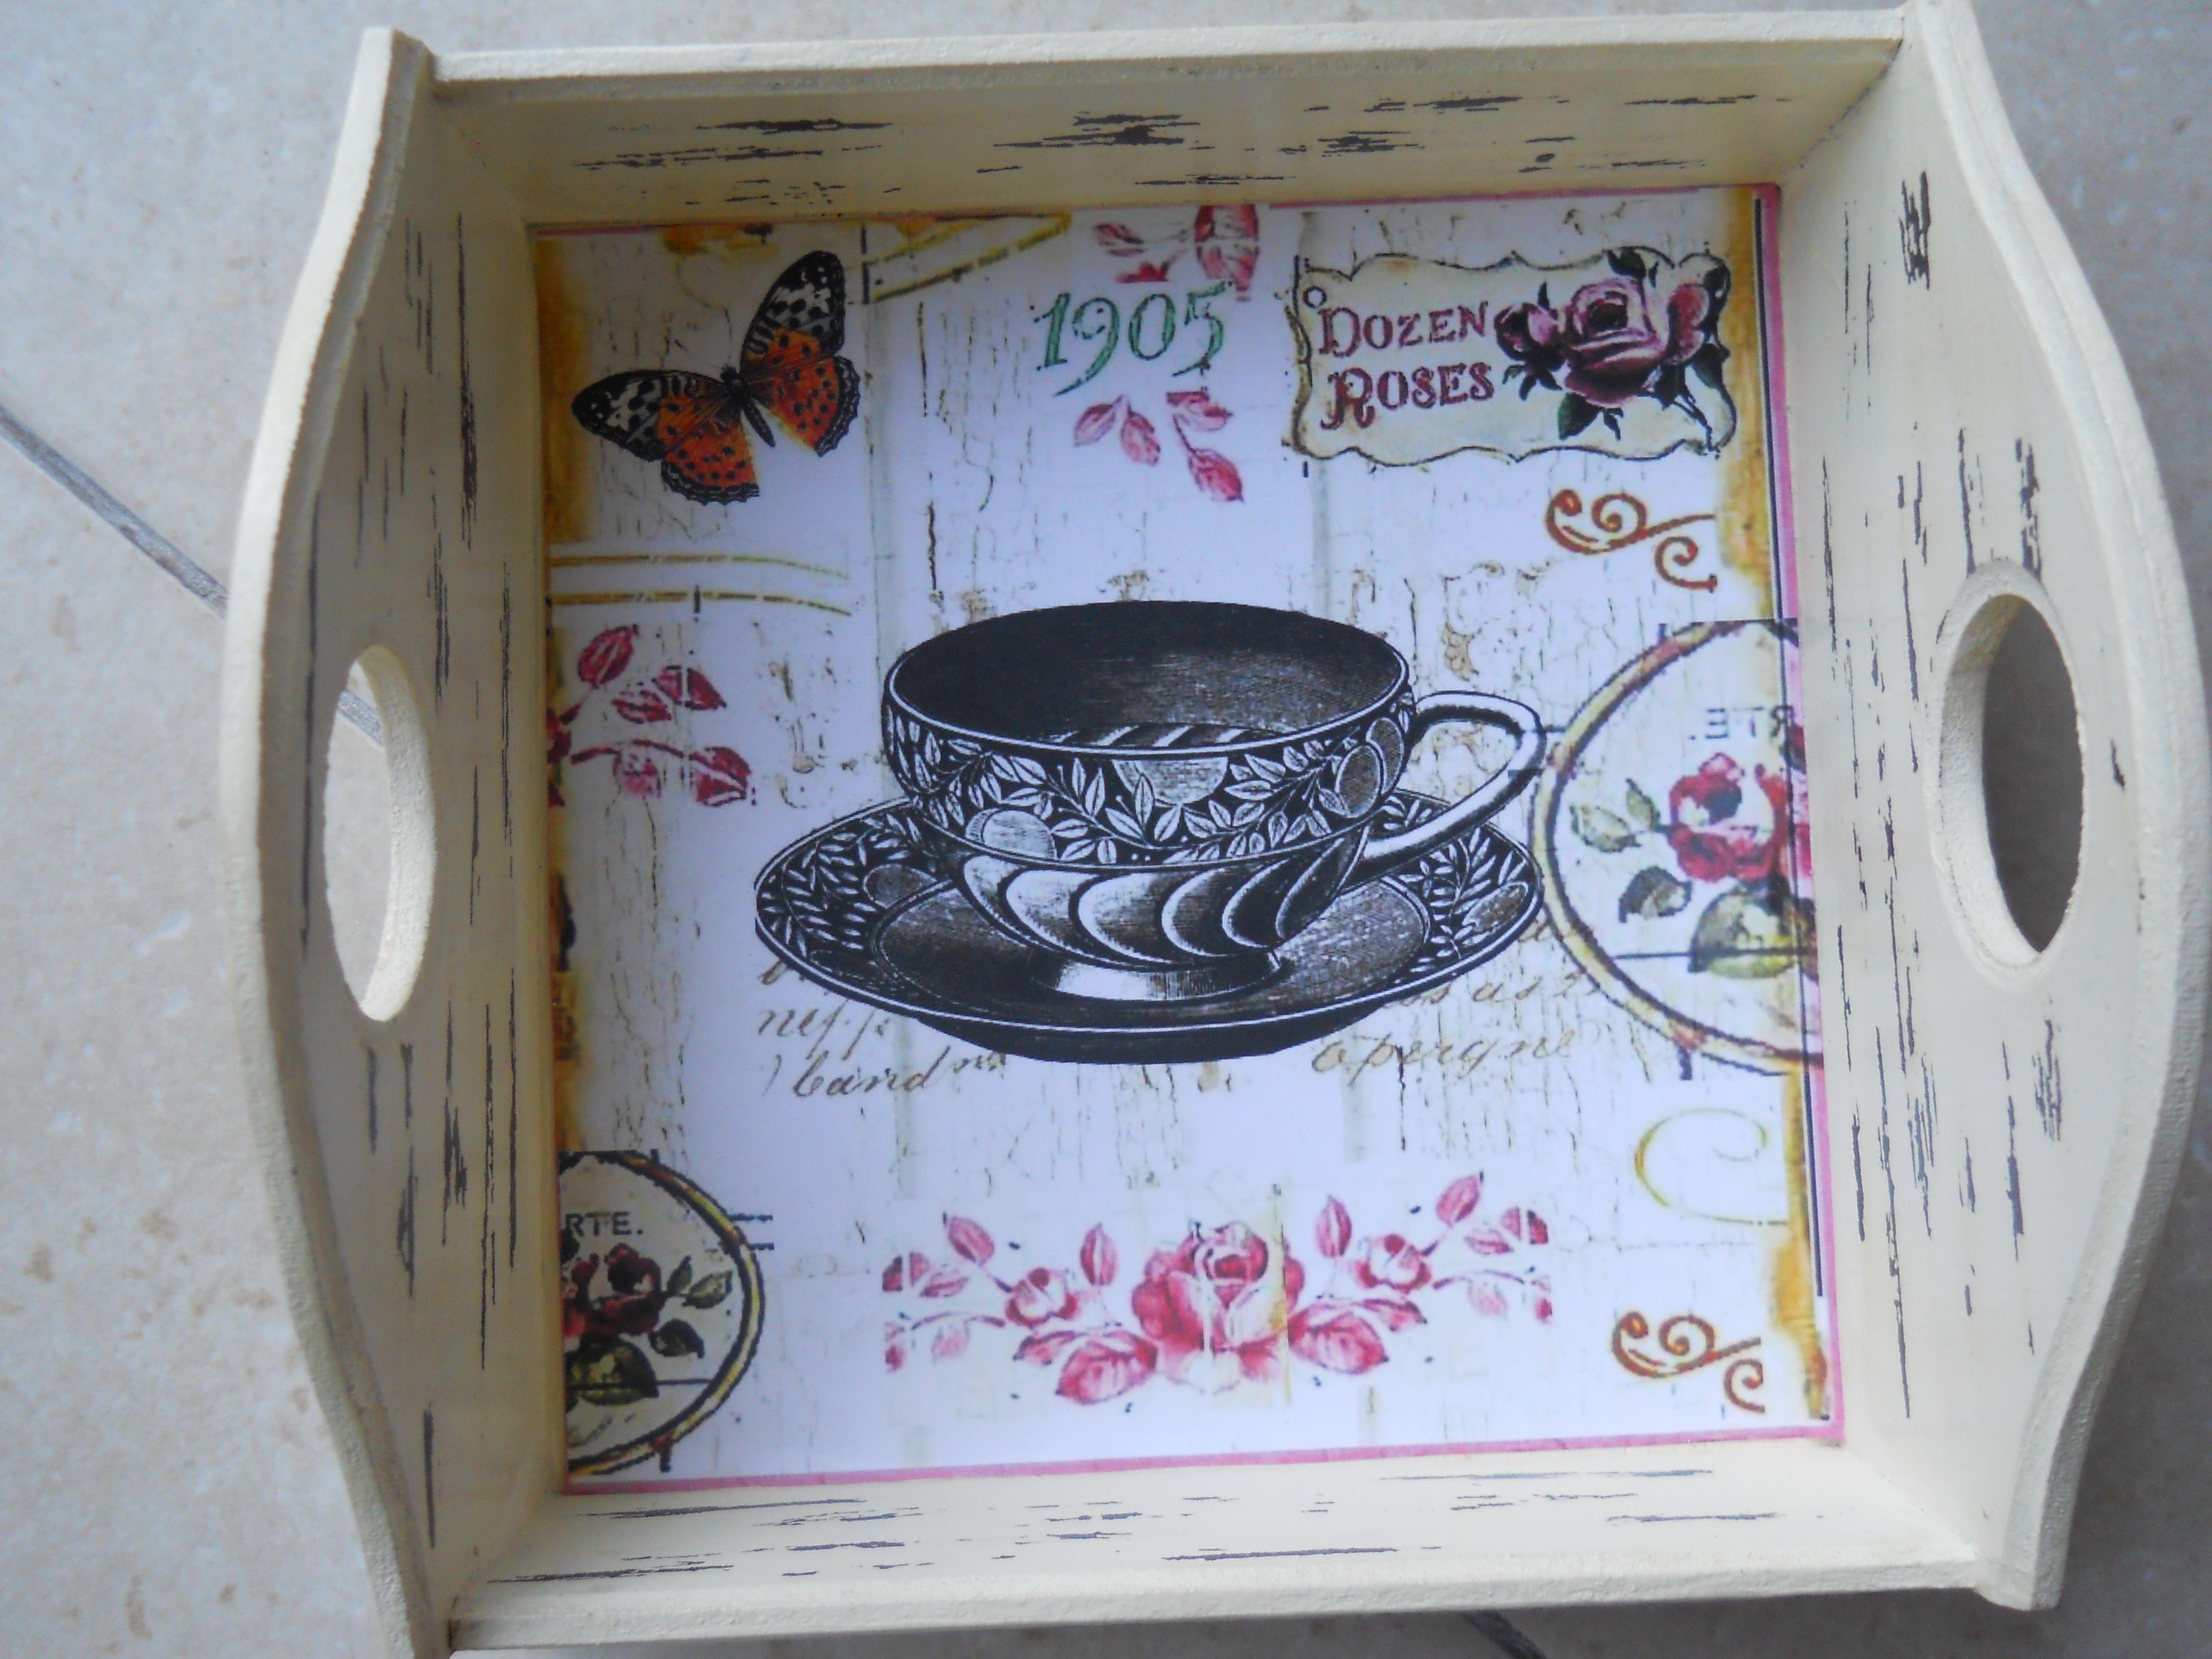 Bandeja vintage decapada 50 en for Bandejas de madera decoradas